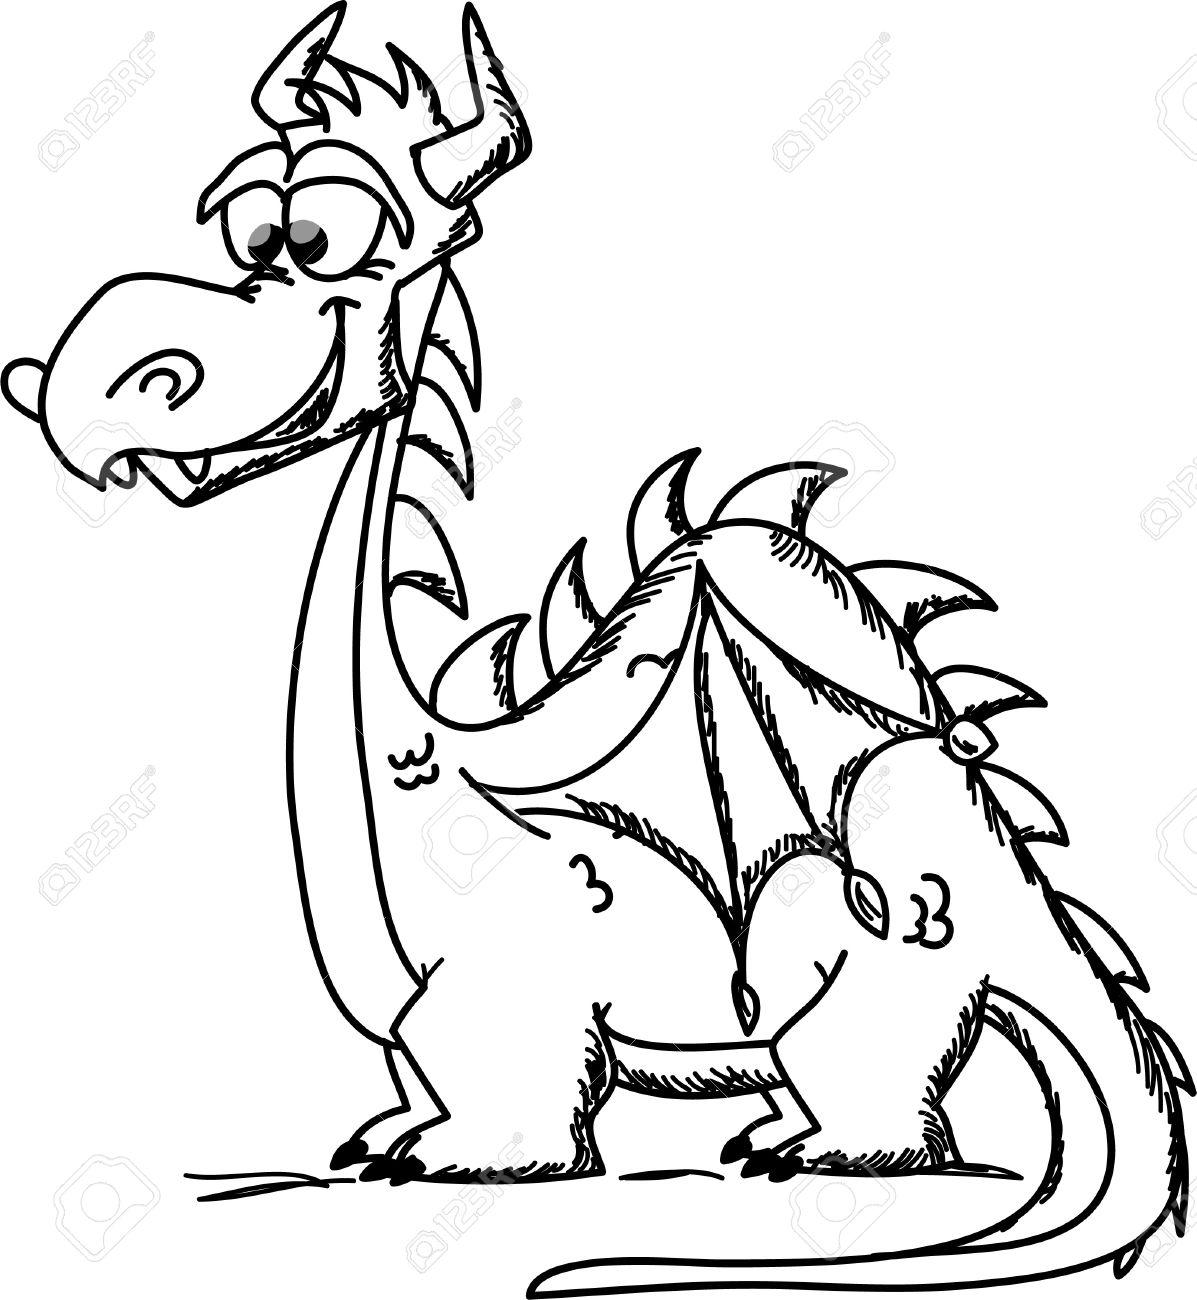 cartoon cute dragon a symbol 2012 royalty free cliparts vectors